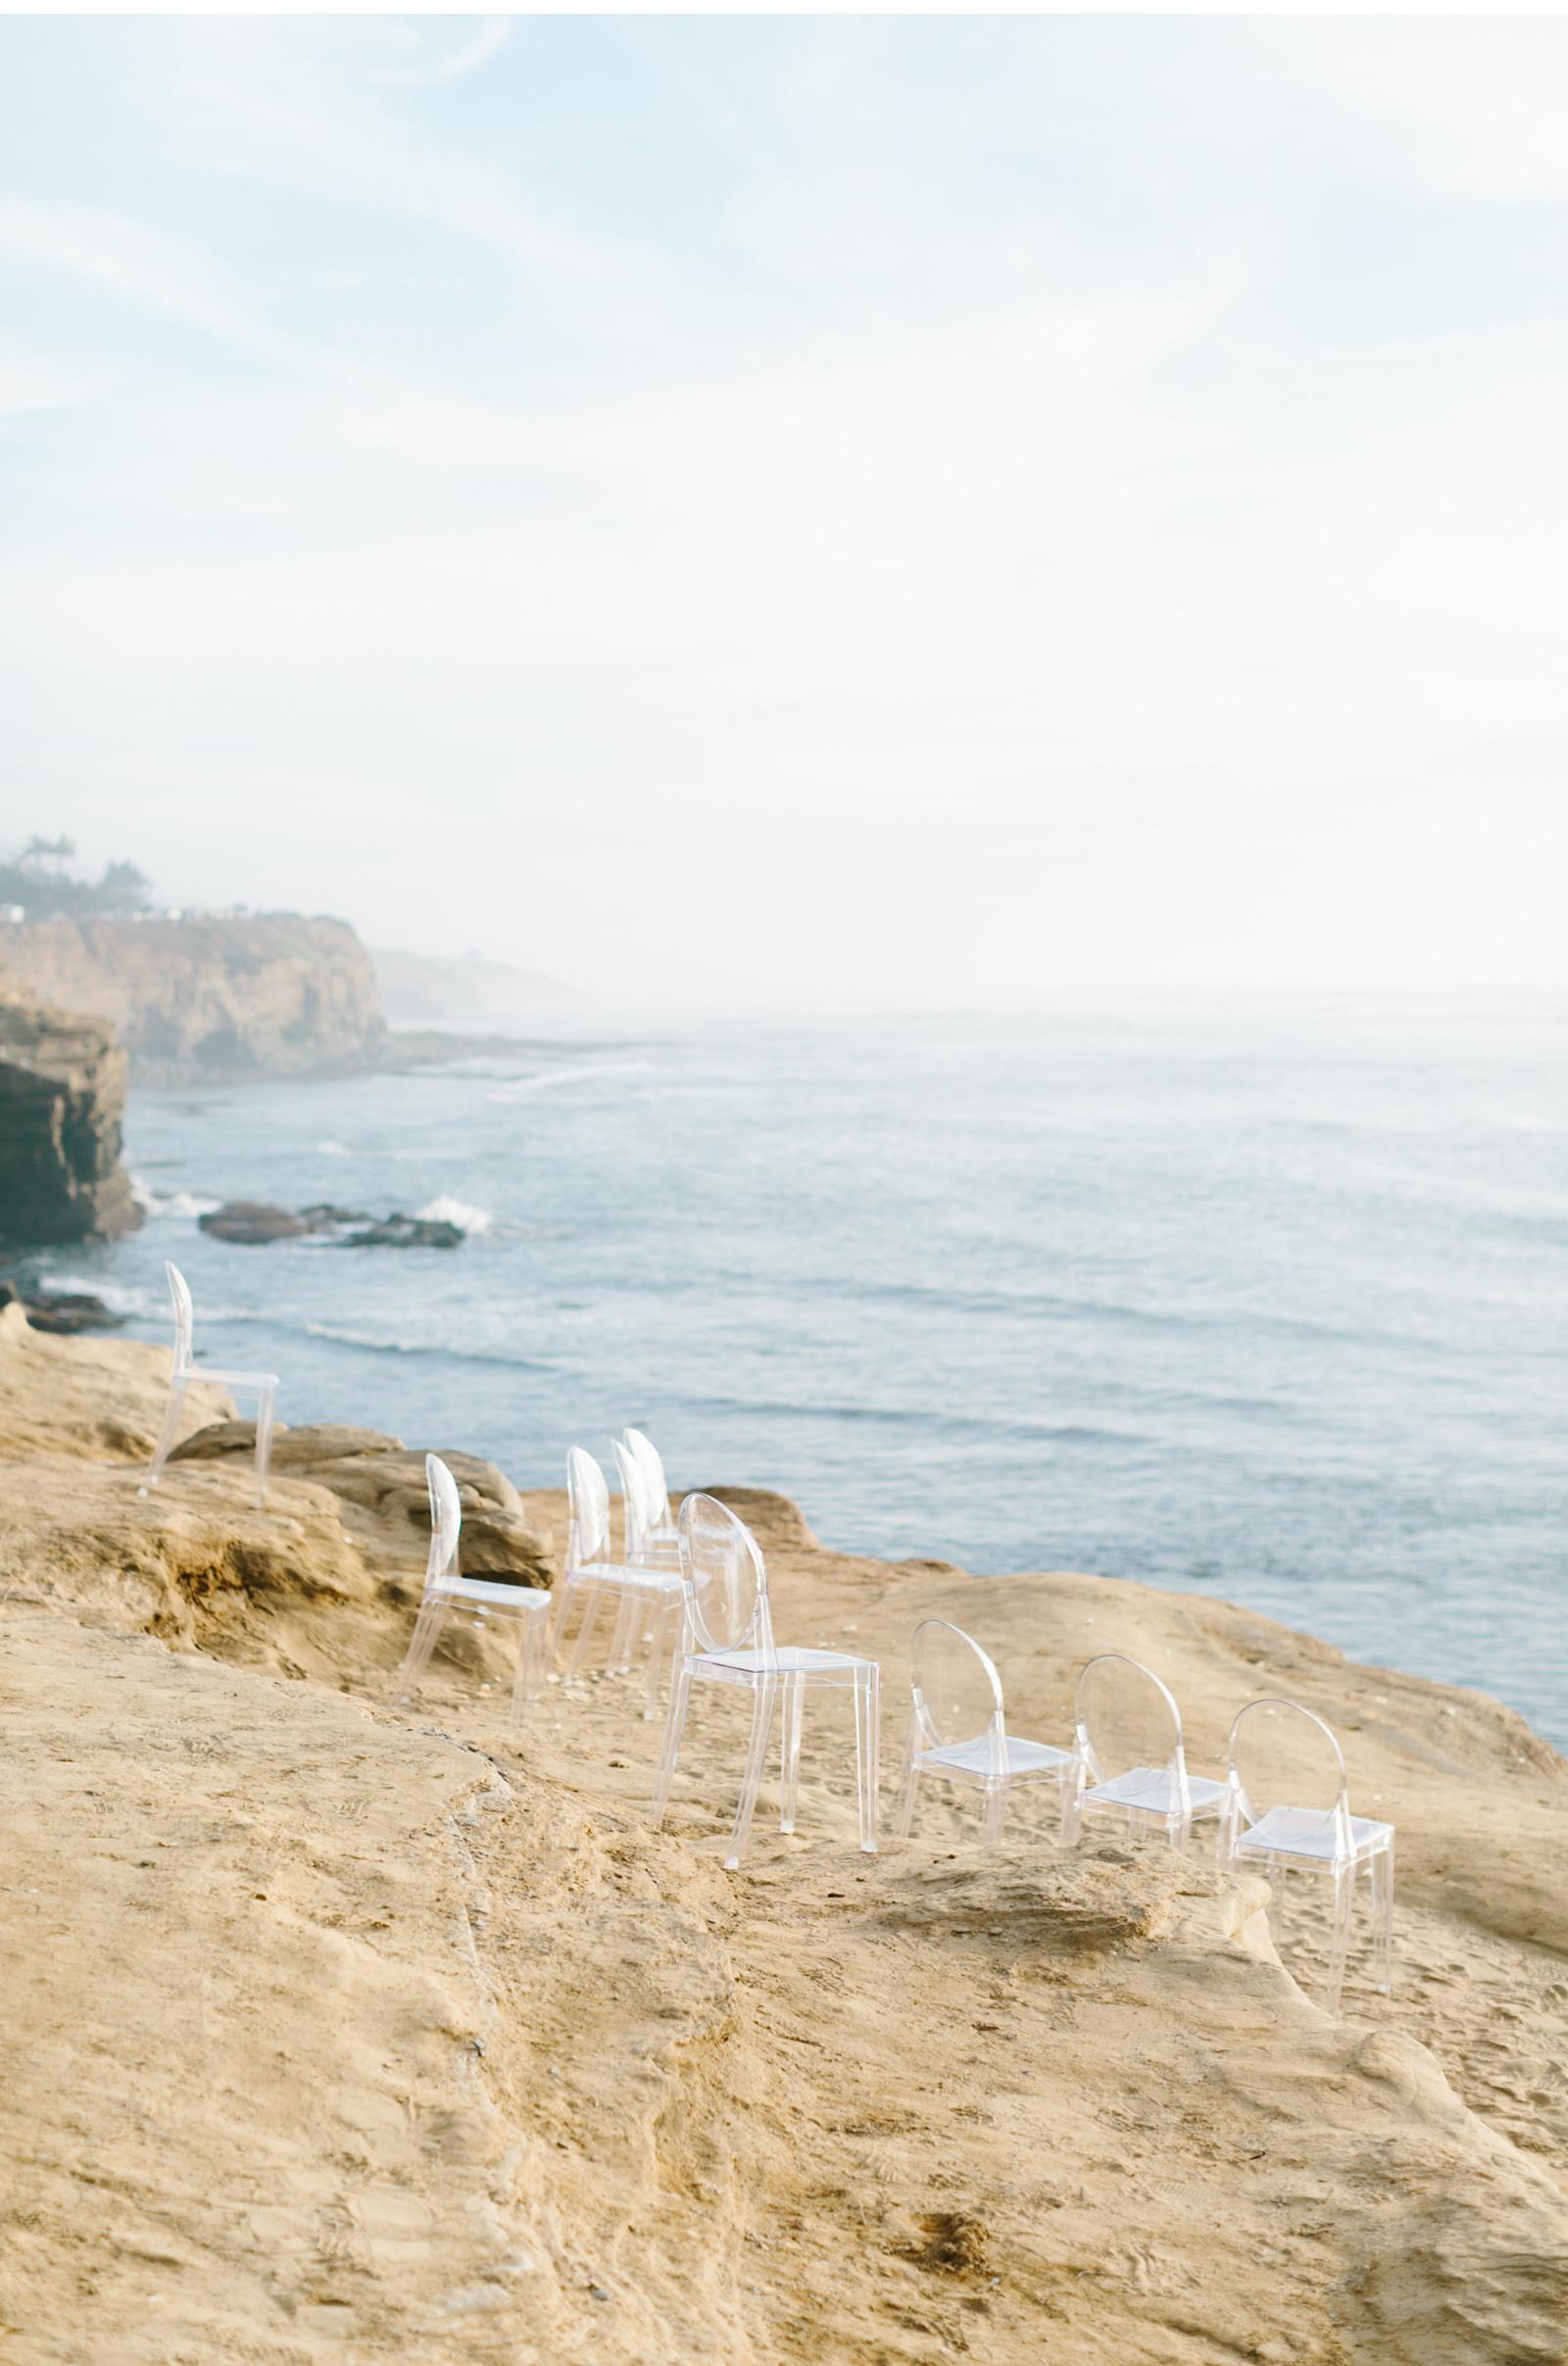 San-Clemente-Wedding-Photographer-Hawaii-Natalie-Schutt-Photography_12.jpg